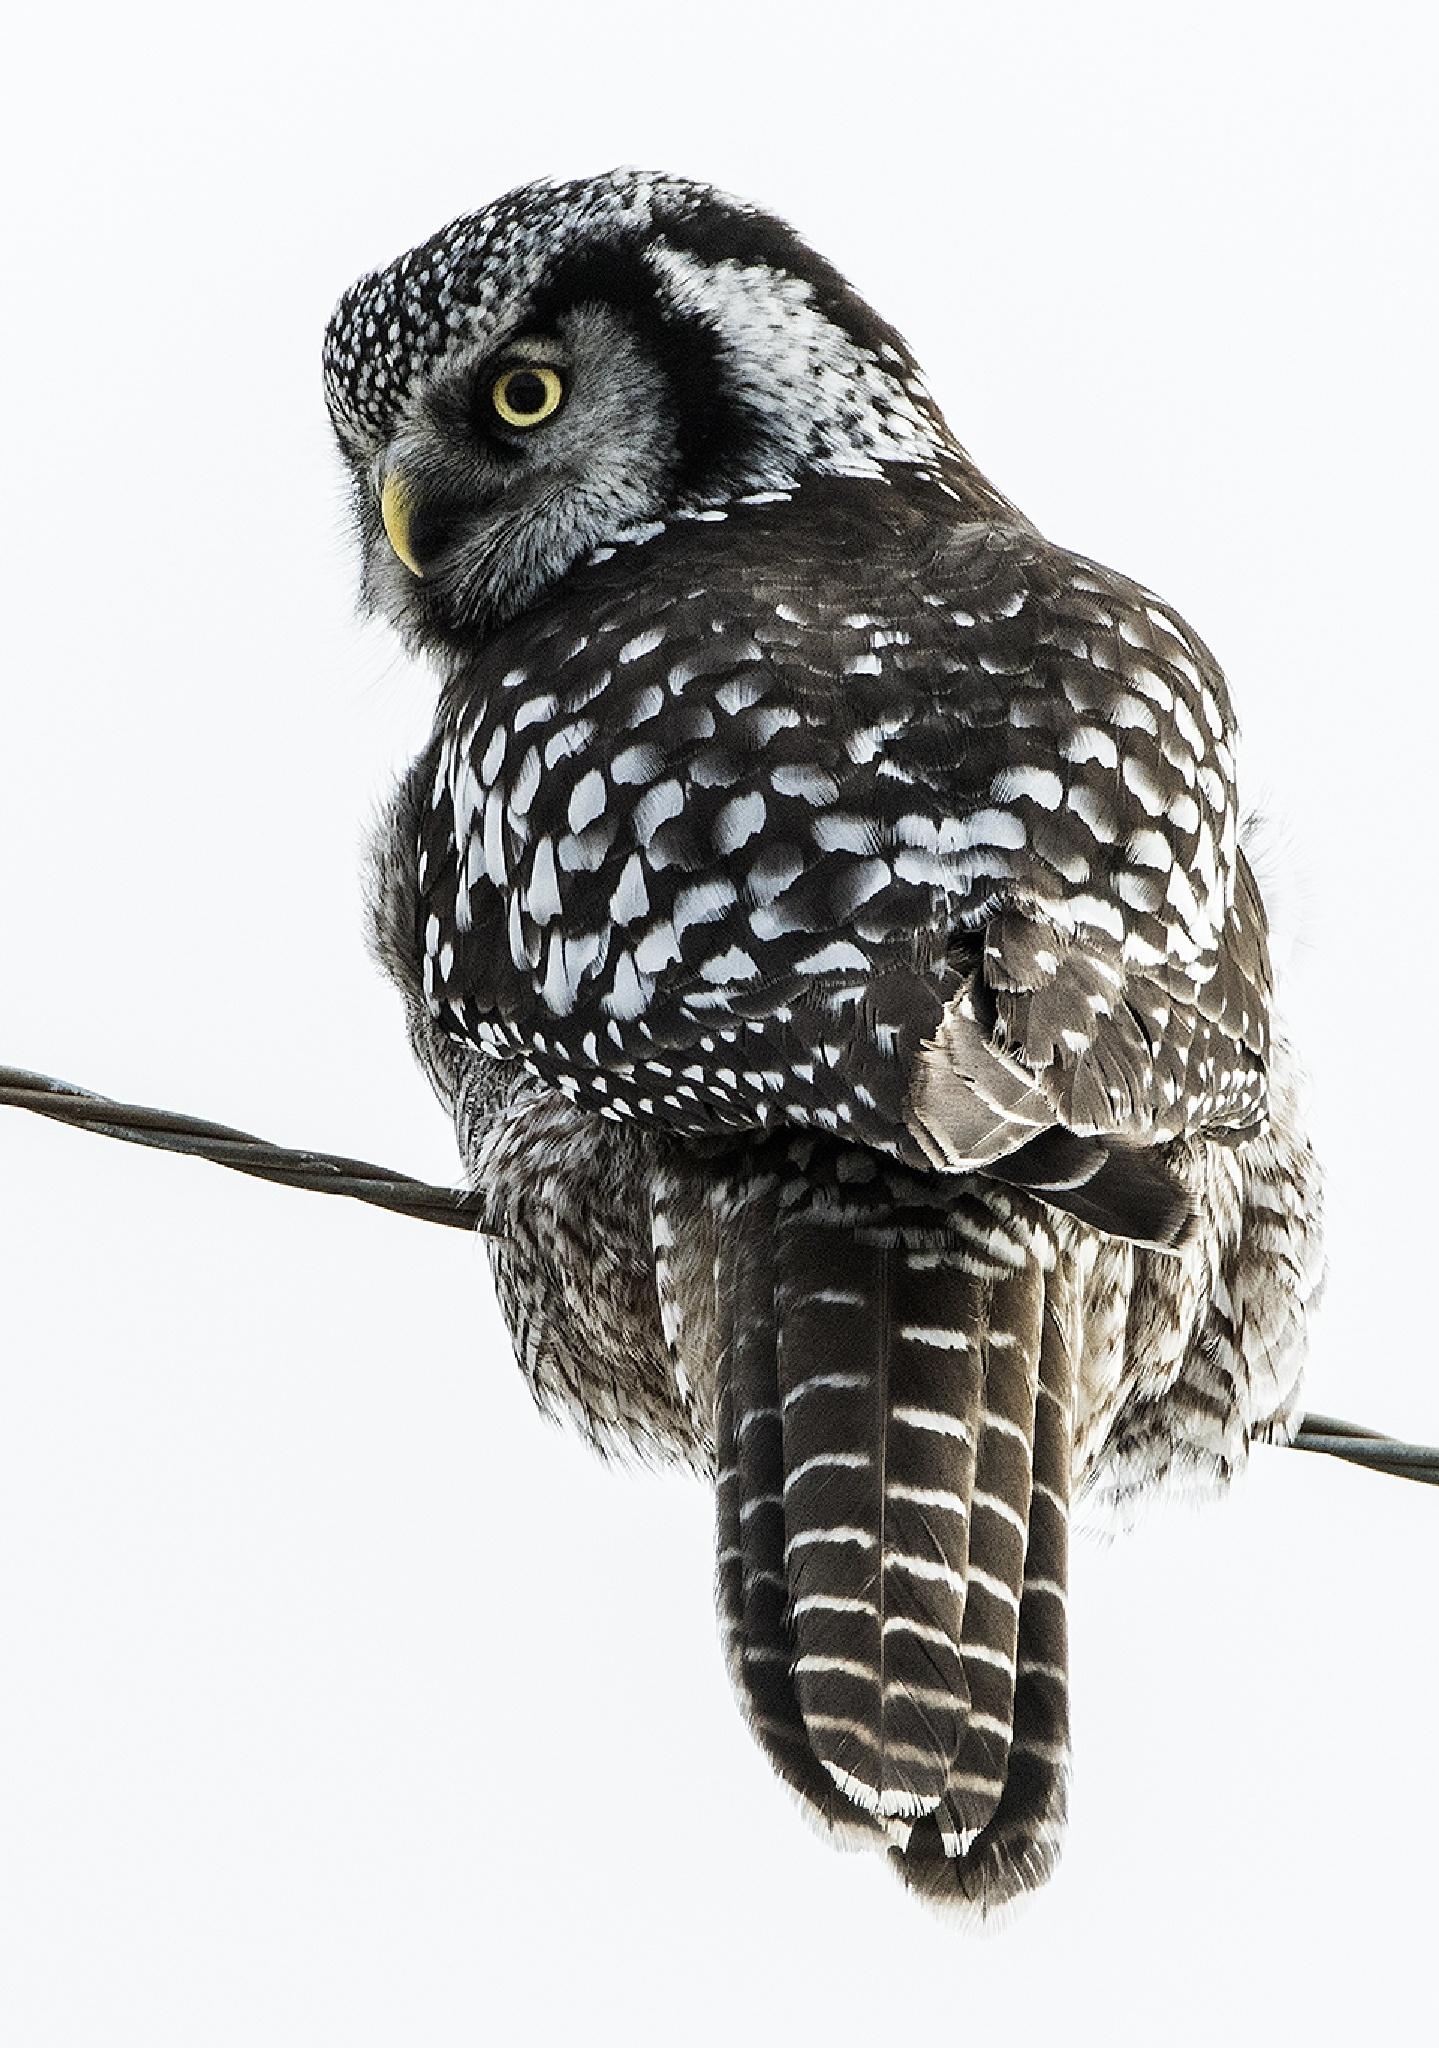 Northern Hawk Owl by Walter Nussbaumer